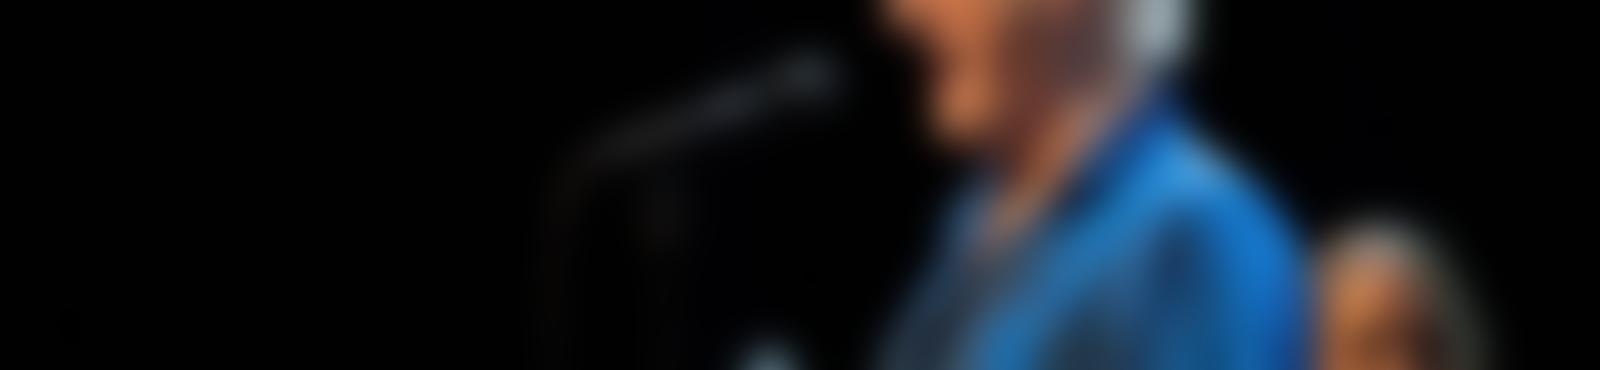 Blurred c465fa7a f330 4b45 856b 0066f59b503f